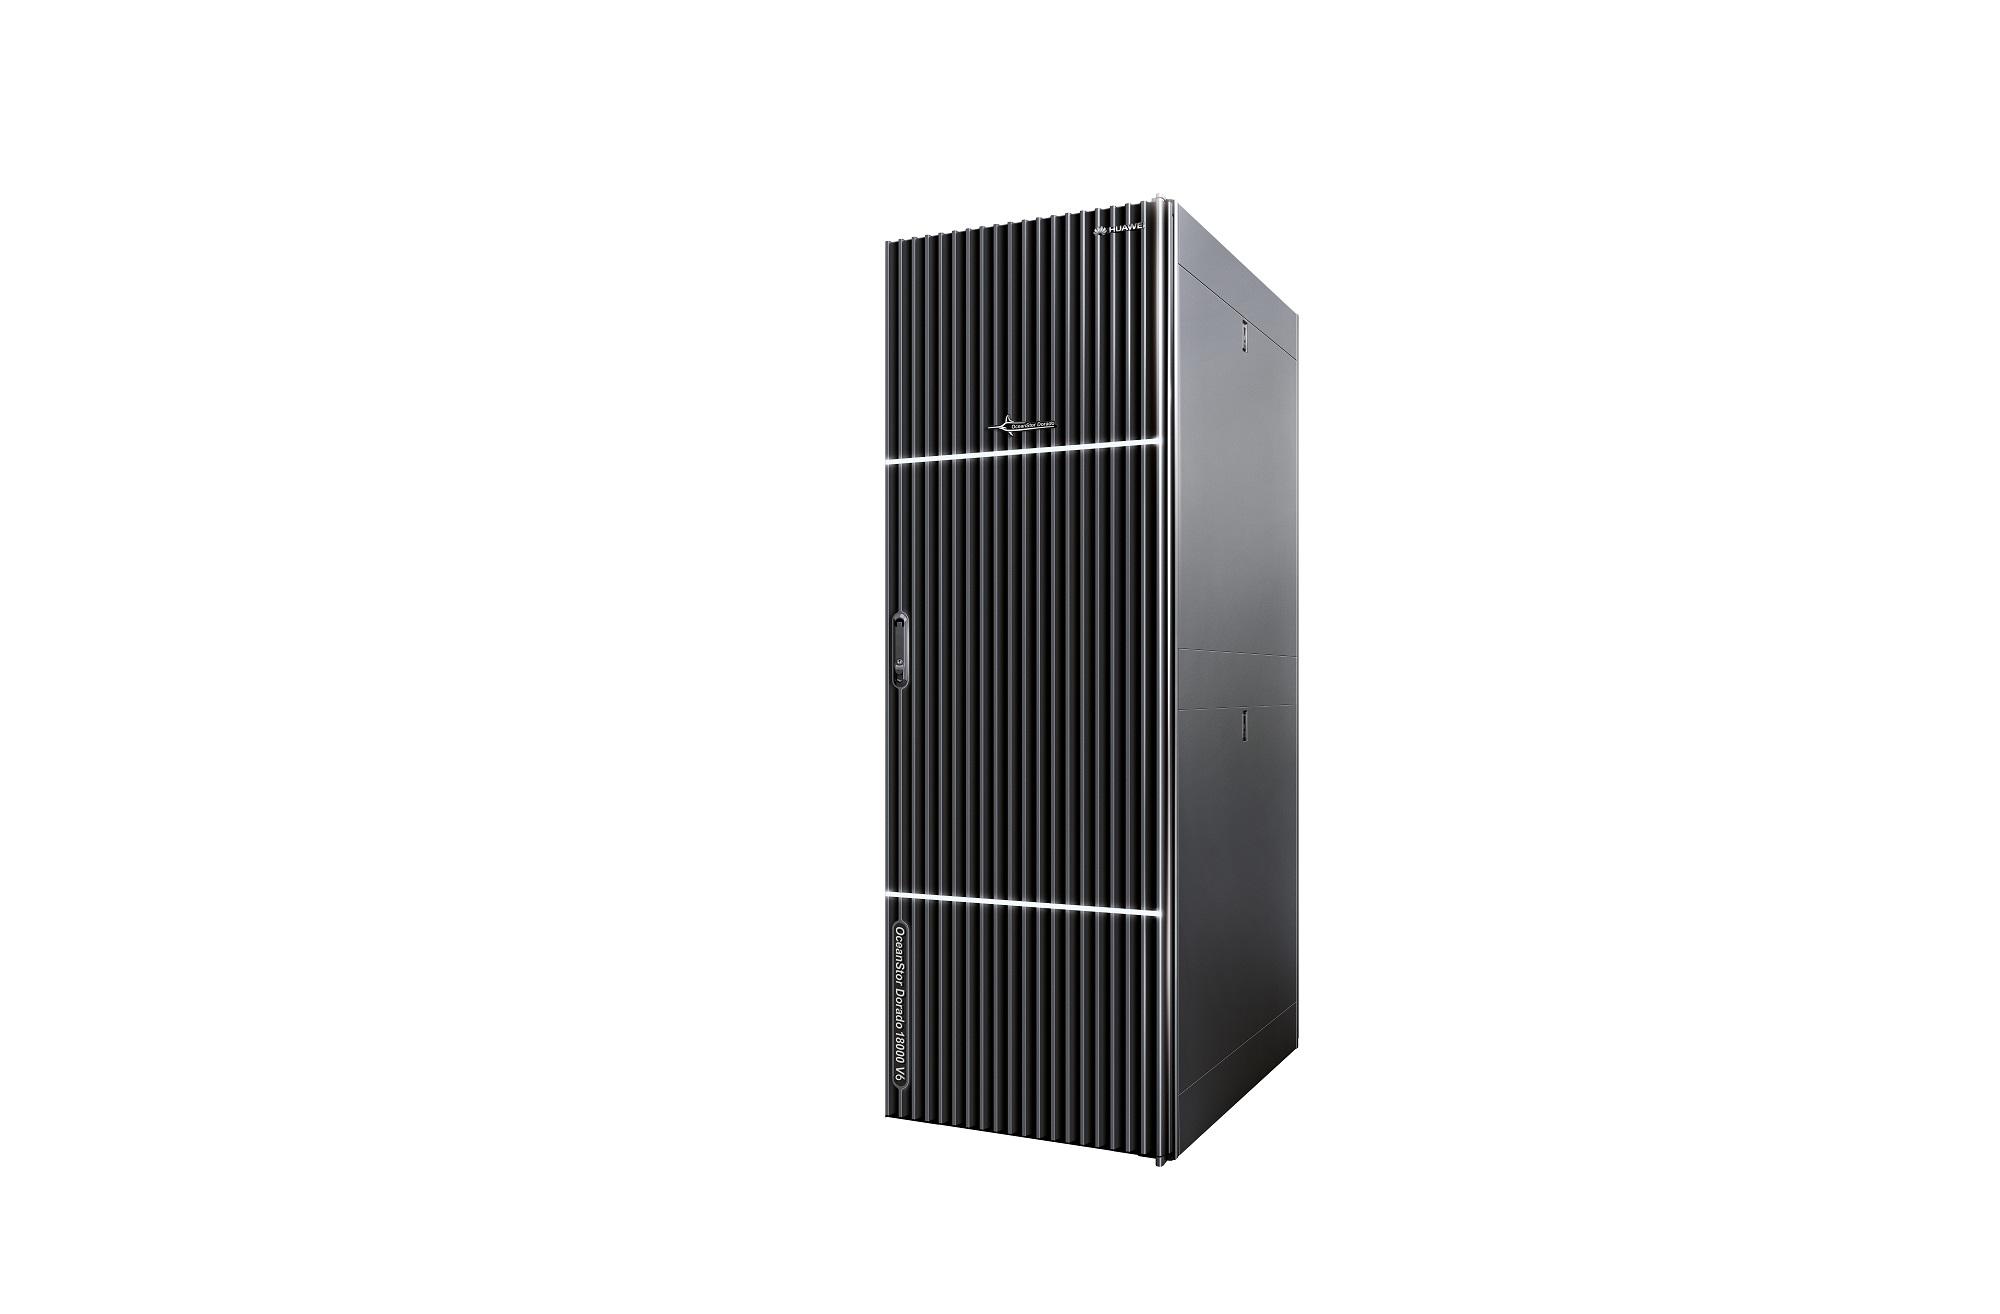 Система хранения данных Huawei Dorado 18000 V6